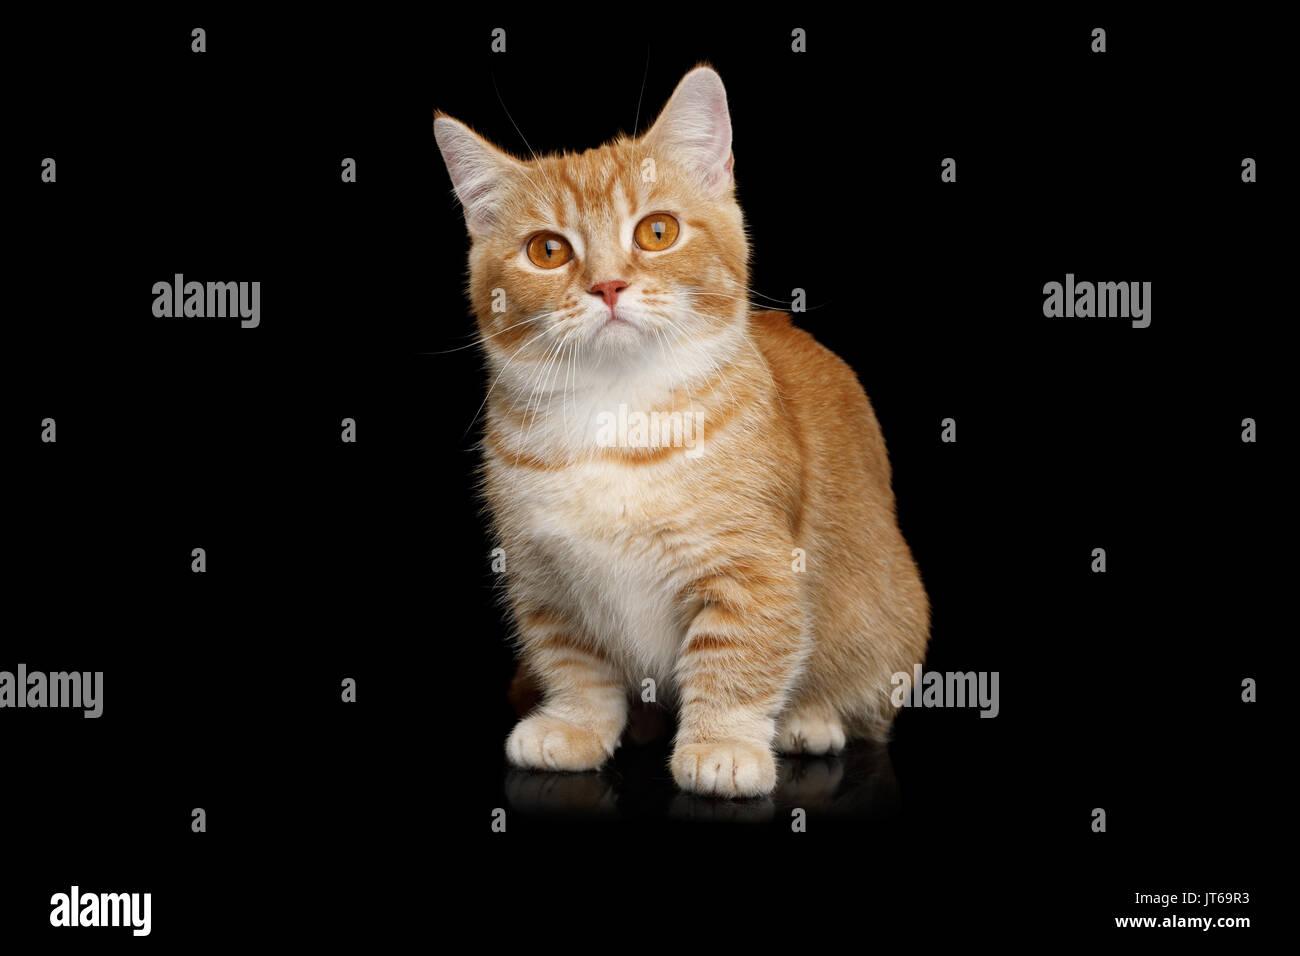 Munchkin Cat on Black background - Stock Image